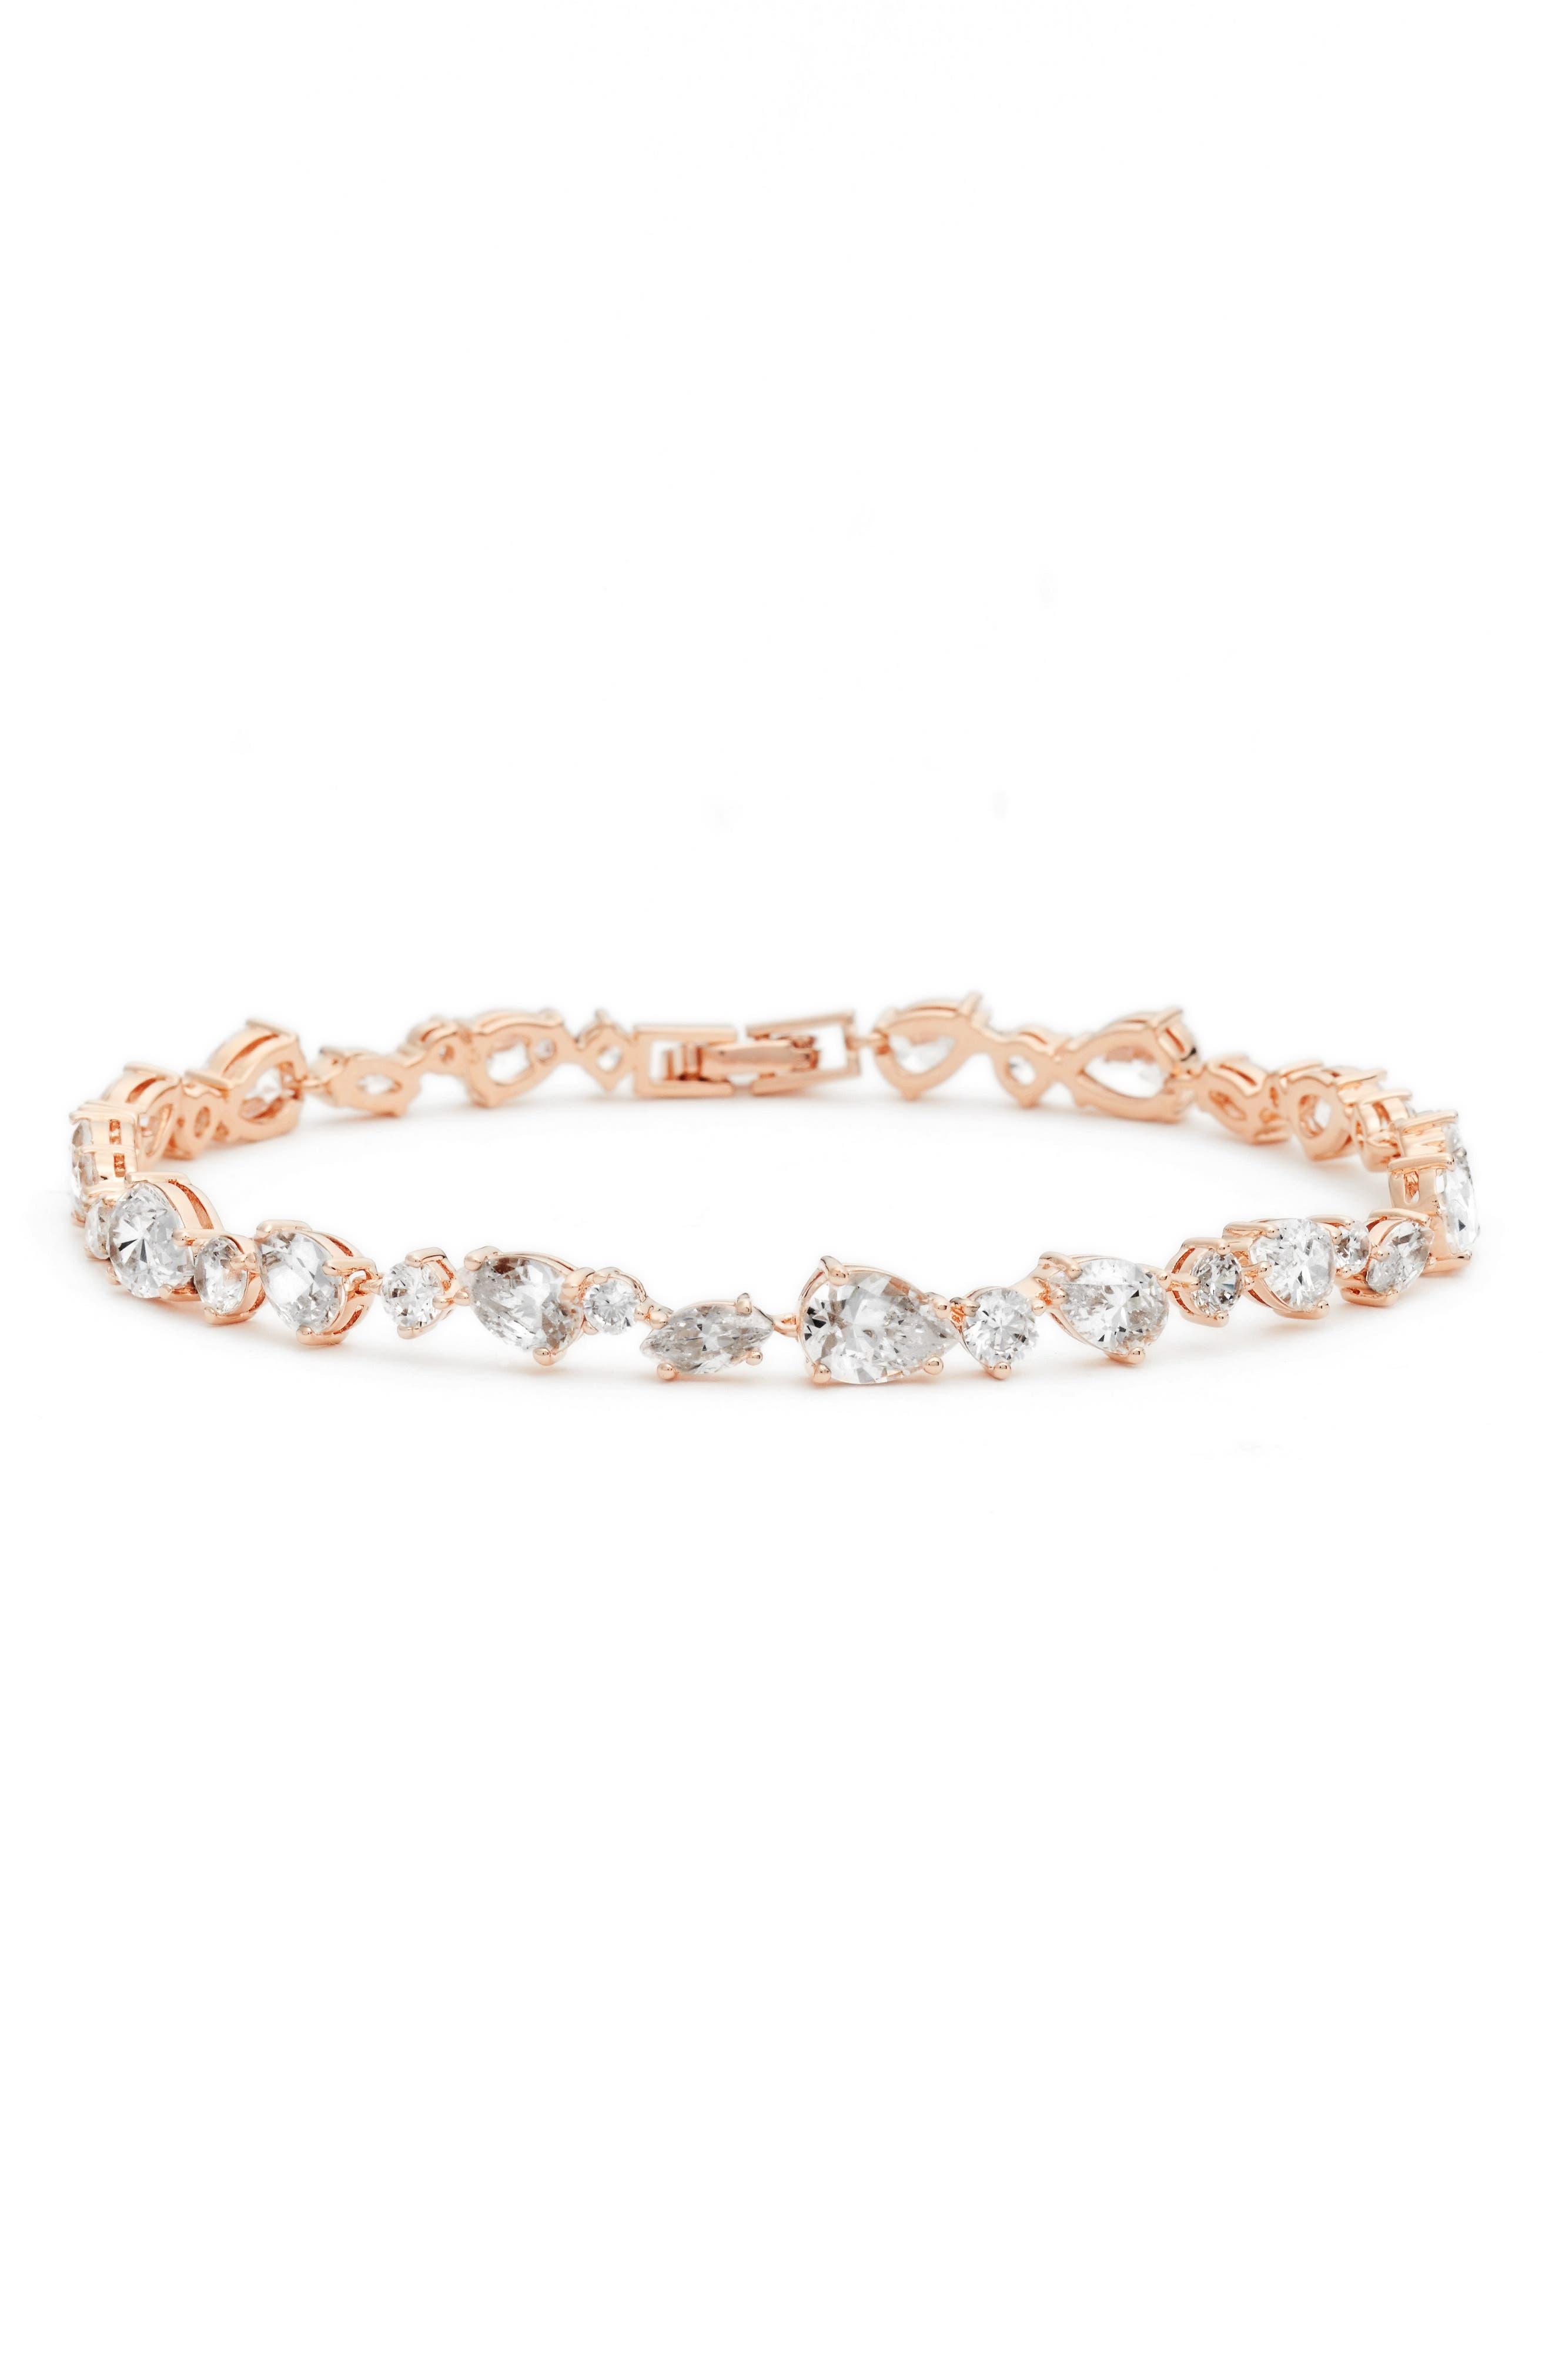 Ava Line Bracelet,                         Main,                         color, ROSE GOLD